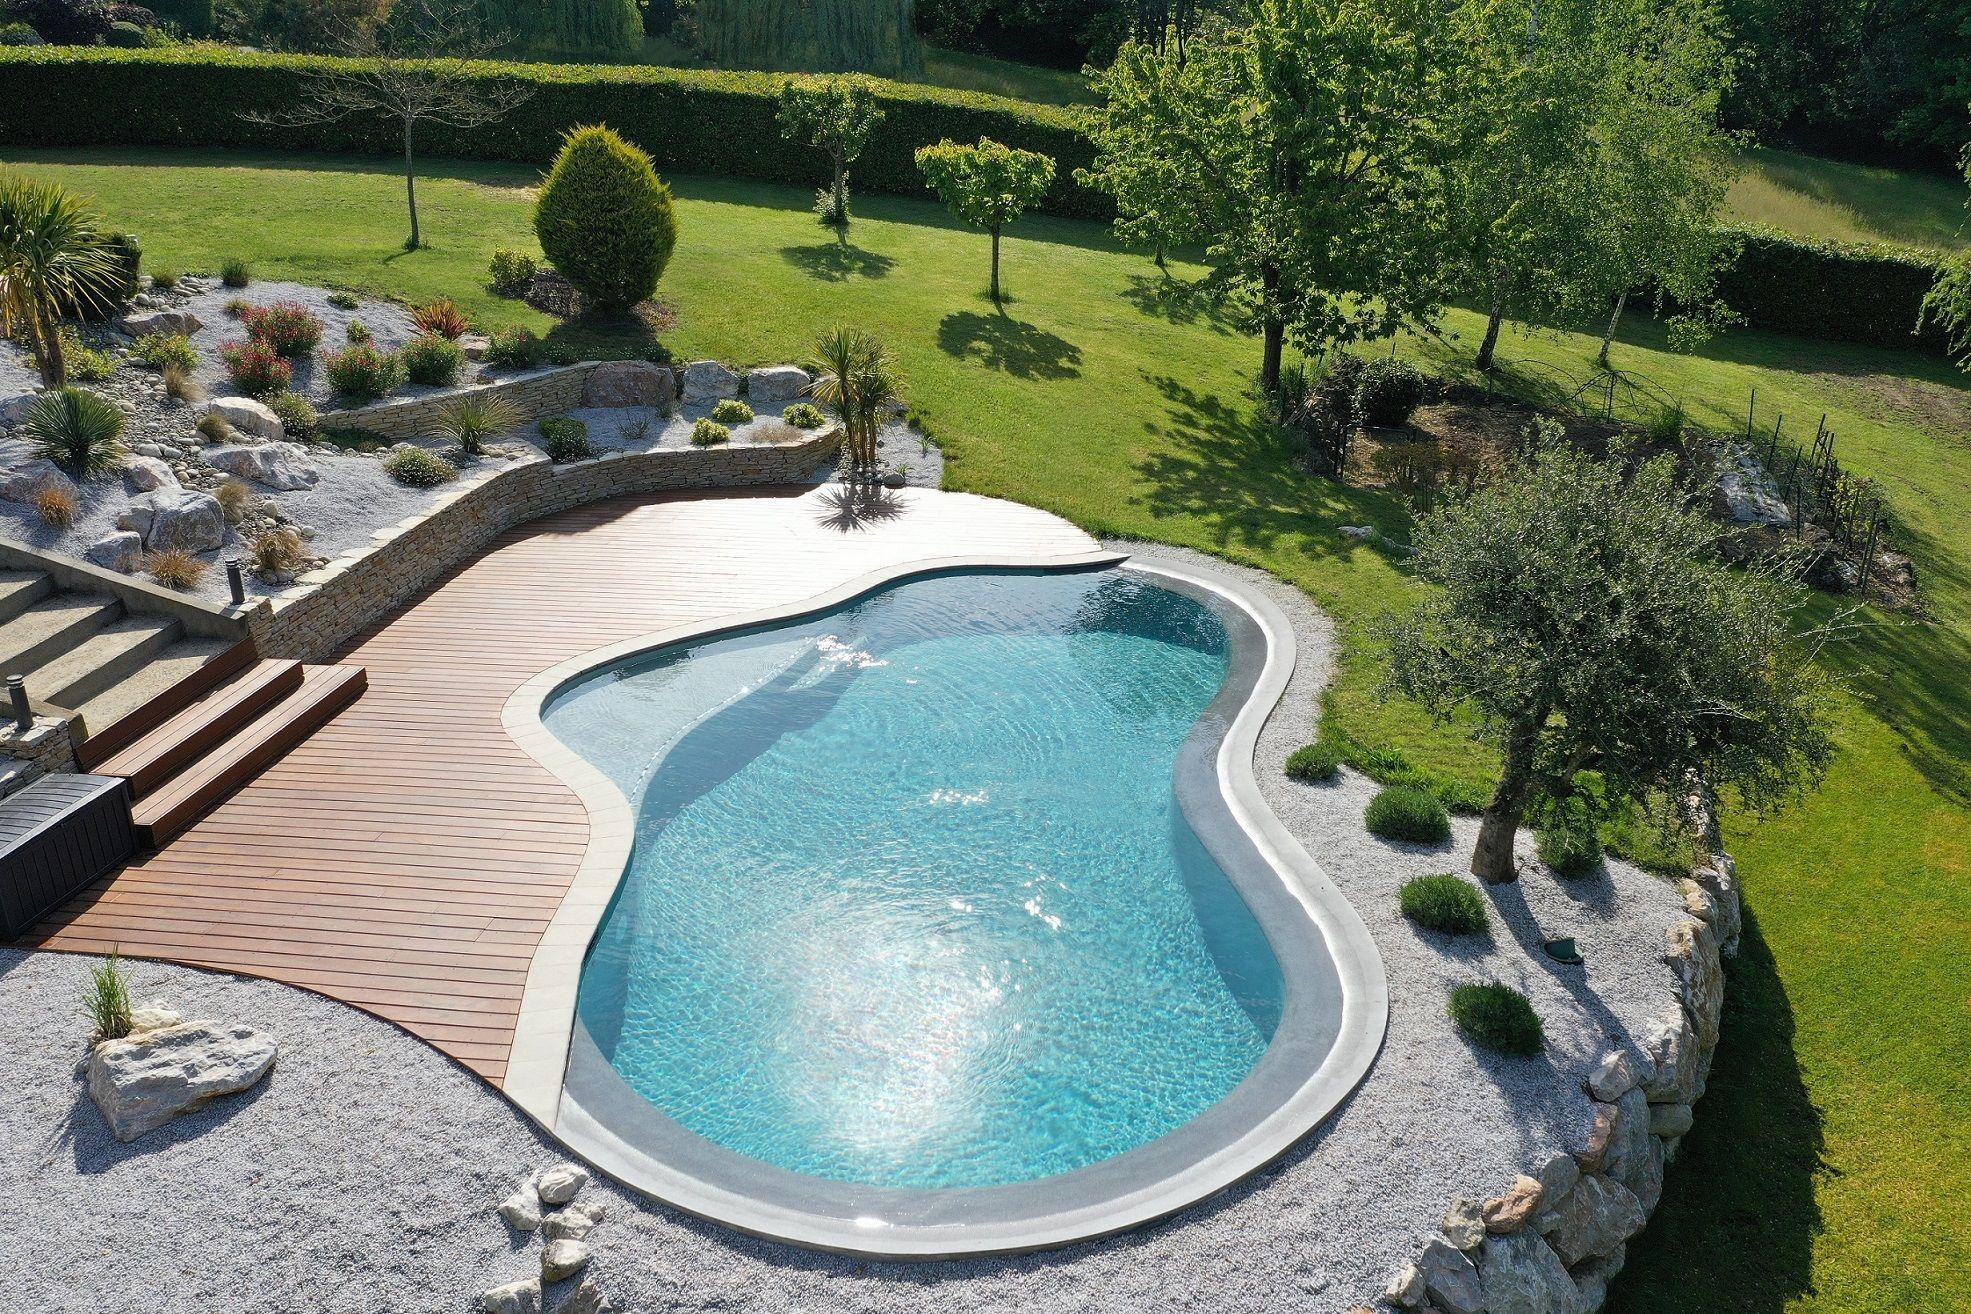 Pin By Aaron On Aaron | Outdoor Decor, Outdoor, Pool à Piscine Pneu Recyclé